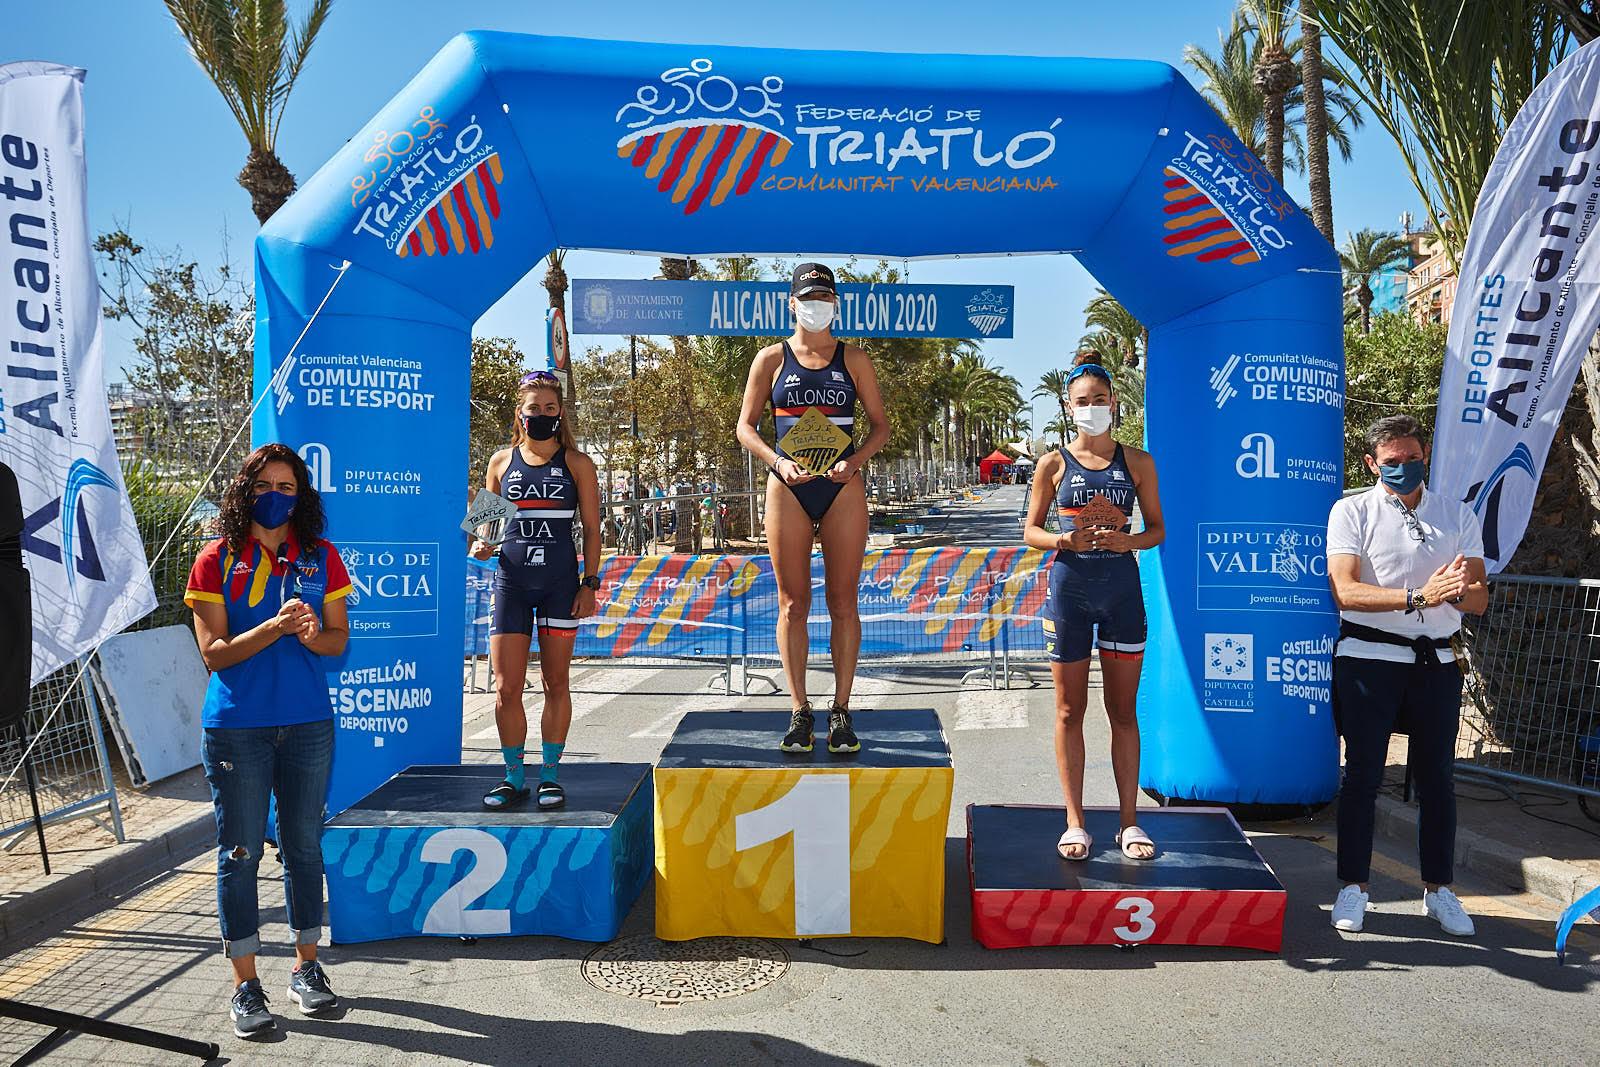 El Campeonato Autonómico de Triatlón Olímpico de la Comunidad Valenciana se queda en Alicante